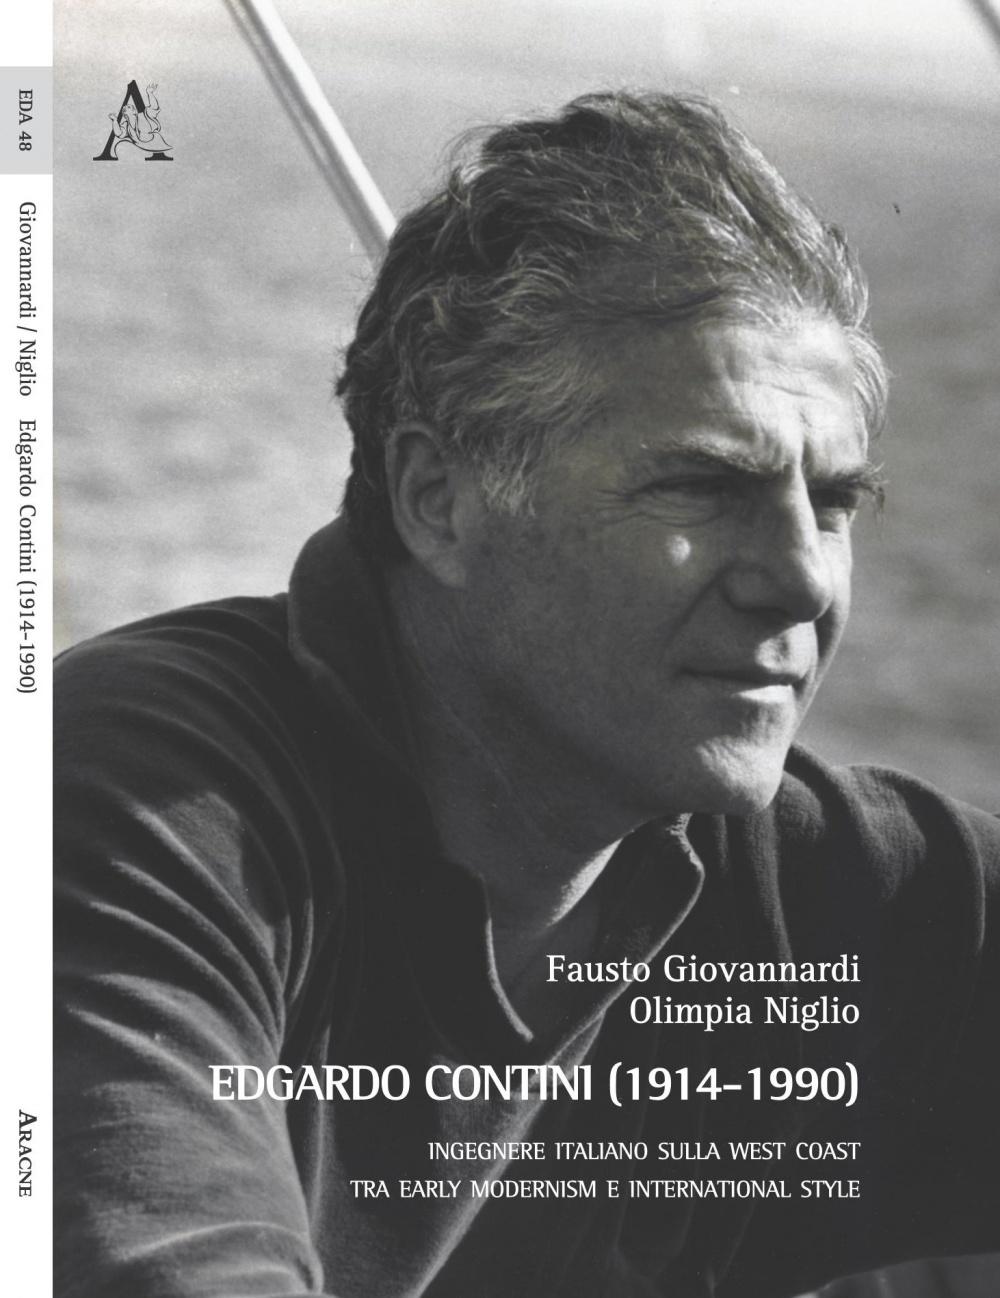 La copertina del libro dedicato all'ing. Edgardo Contini